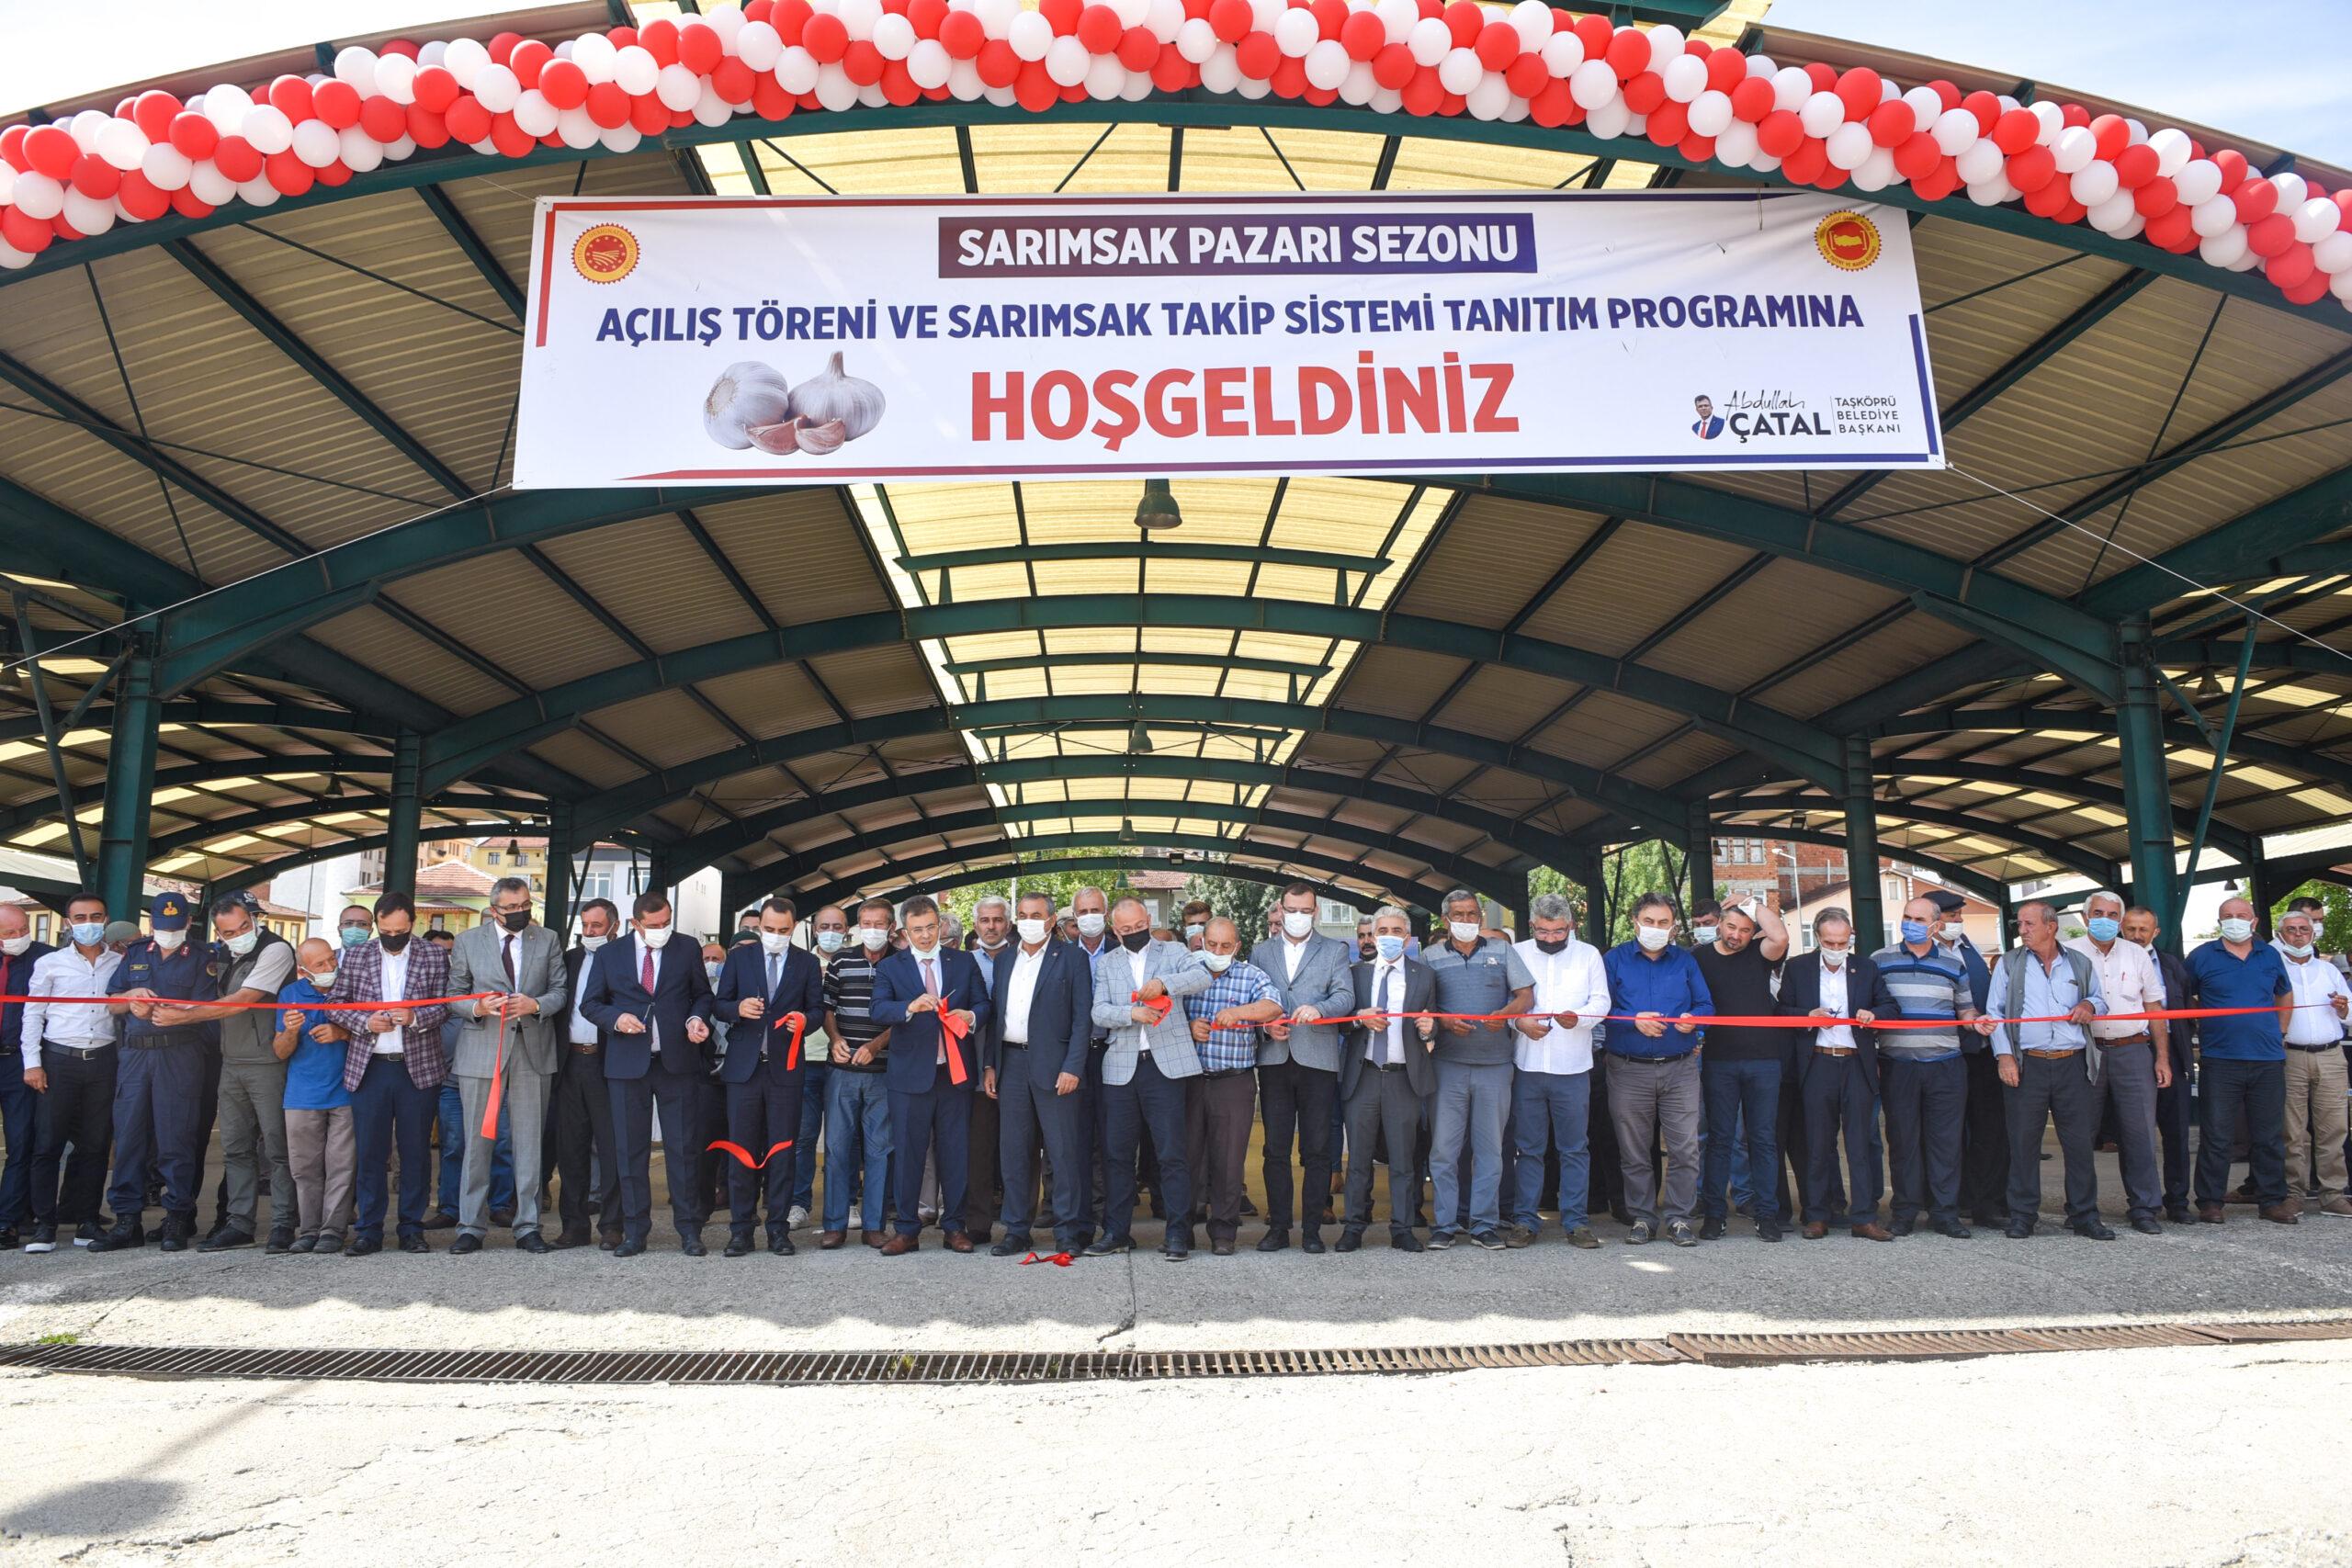 Taşköprü Sarımsak Pazarı 2021 Sezonu açıldı